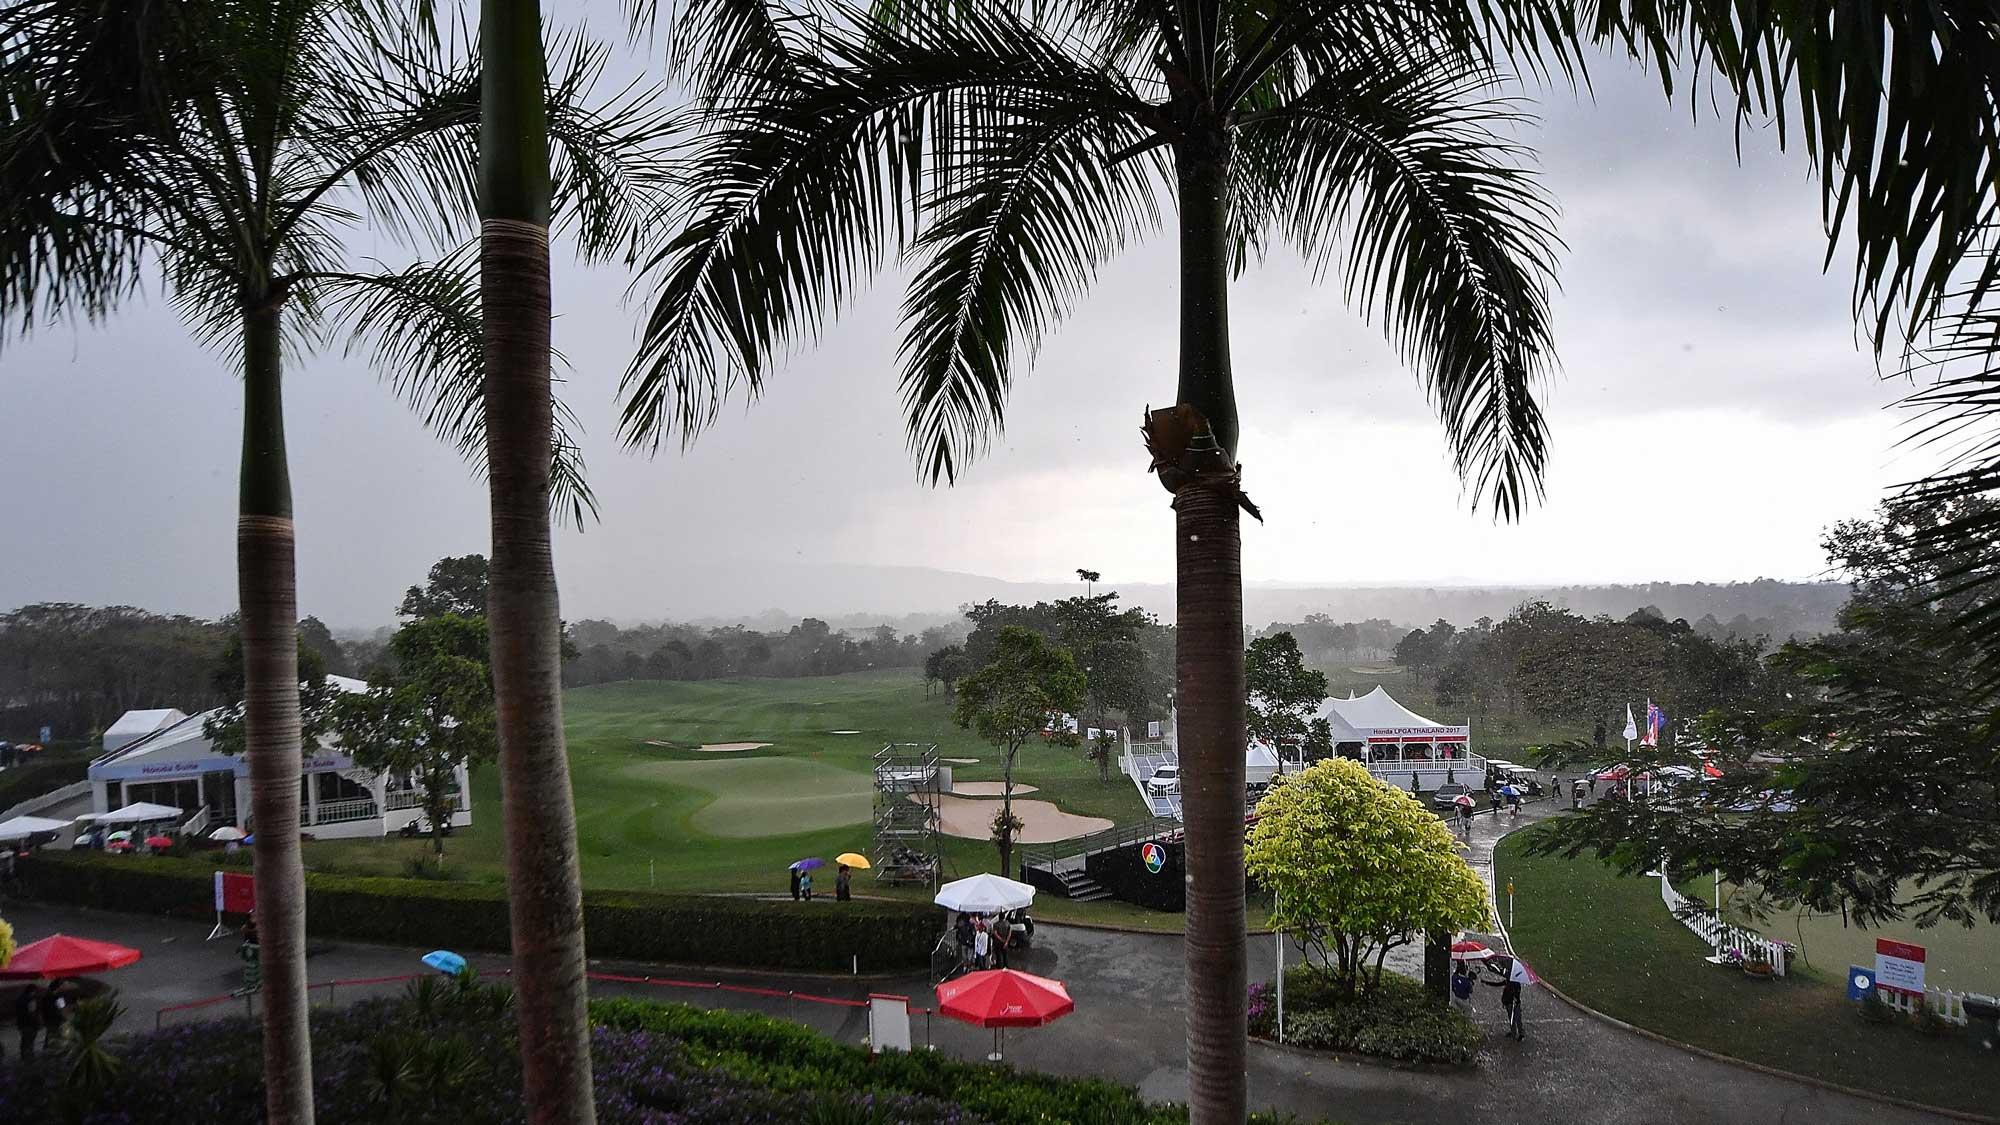 2017 Honda LPGA Thailand Round 2 Suspended